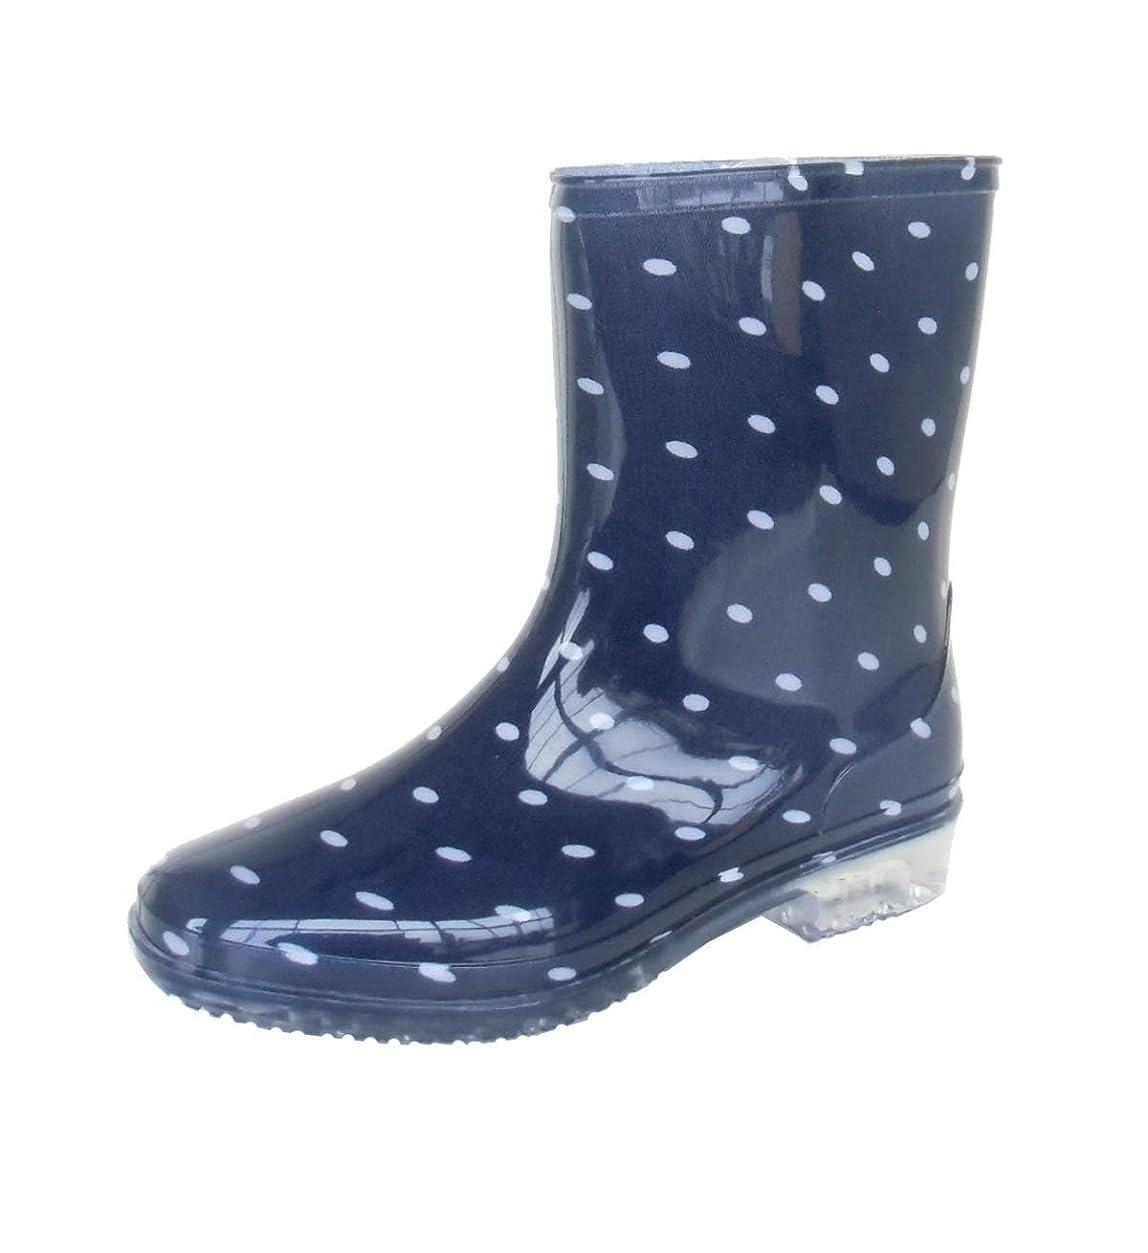 未払い悪党仮定する長靴 雨靴 完全防水 レインシューズ ドット 水玉 ハーフ ガーデニング アウトドア カラフル 通勤 2色 レディース